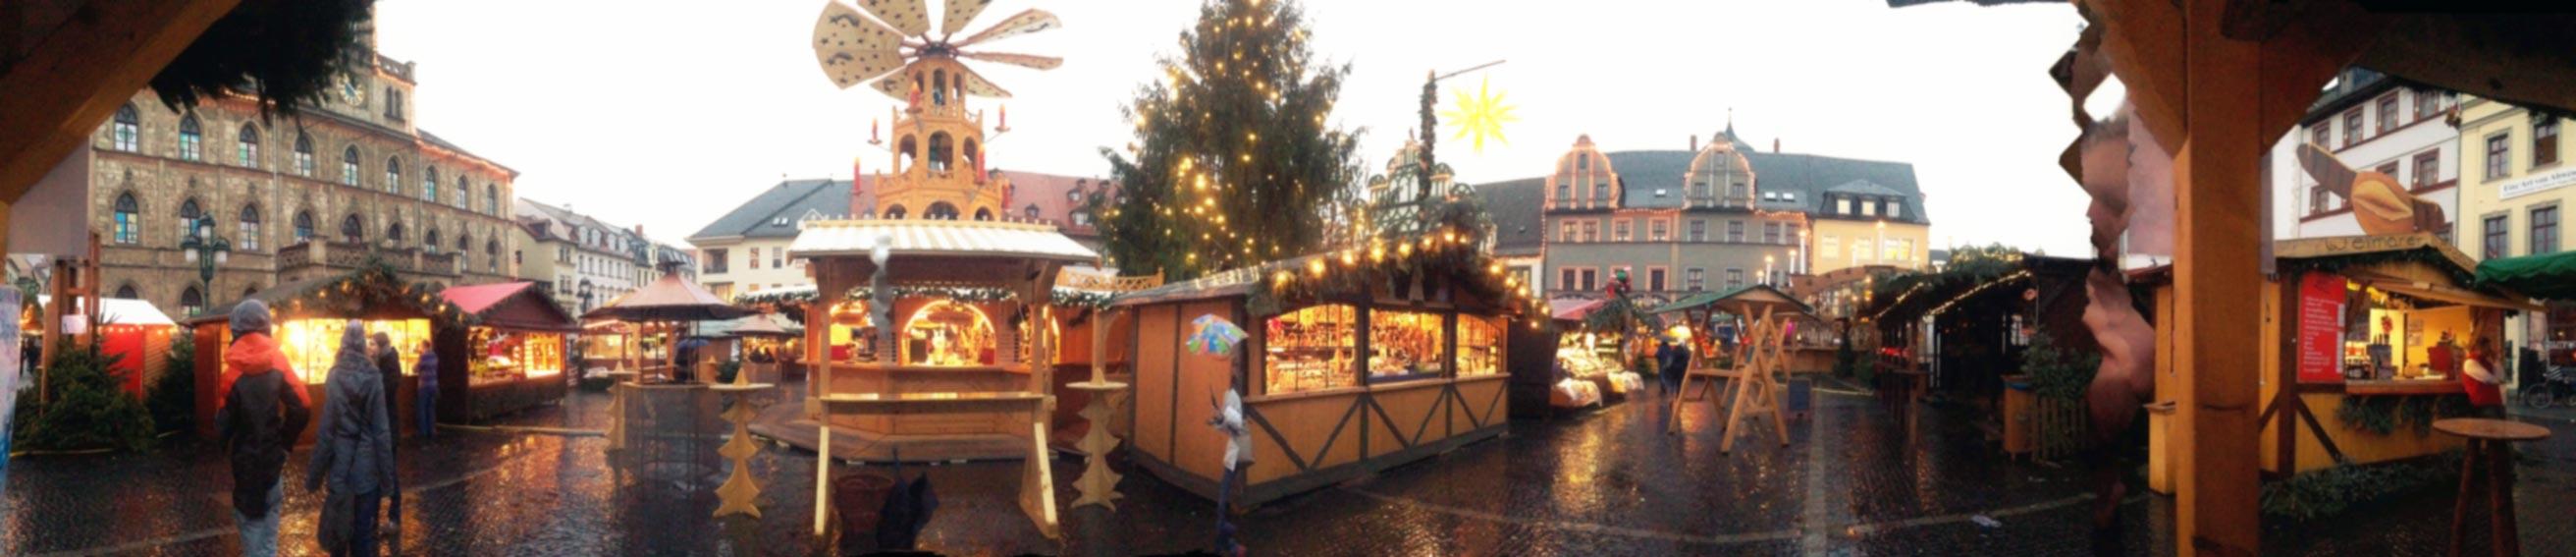 Kulturstadt Weimar mit Weihnachtsmarkt. Foto: privat